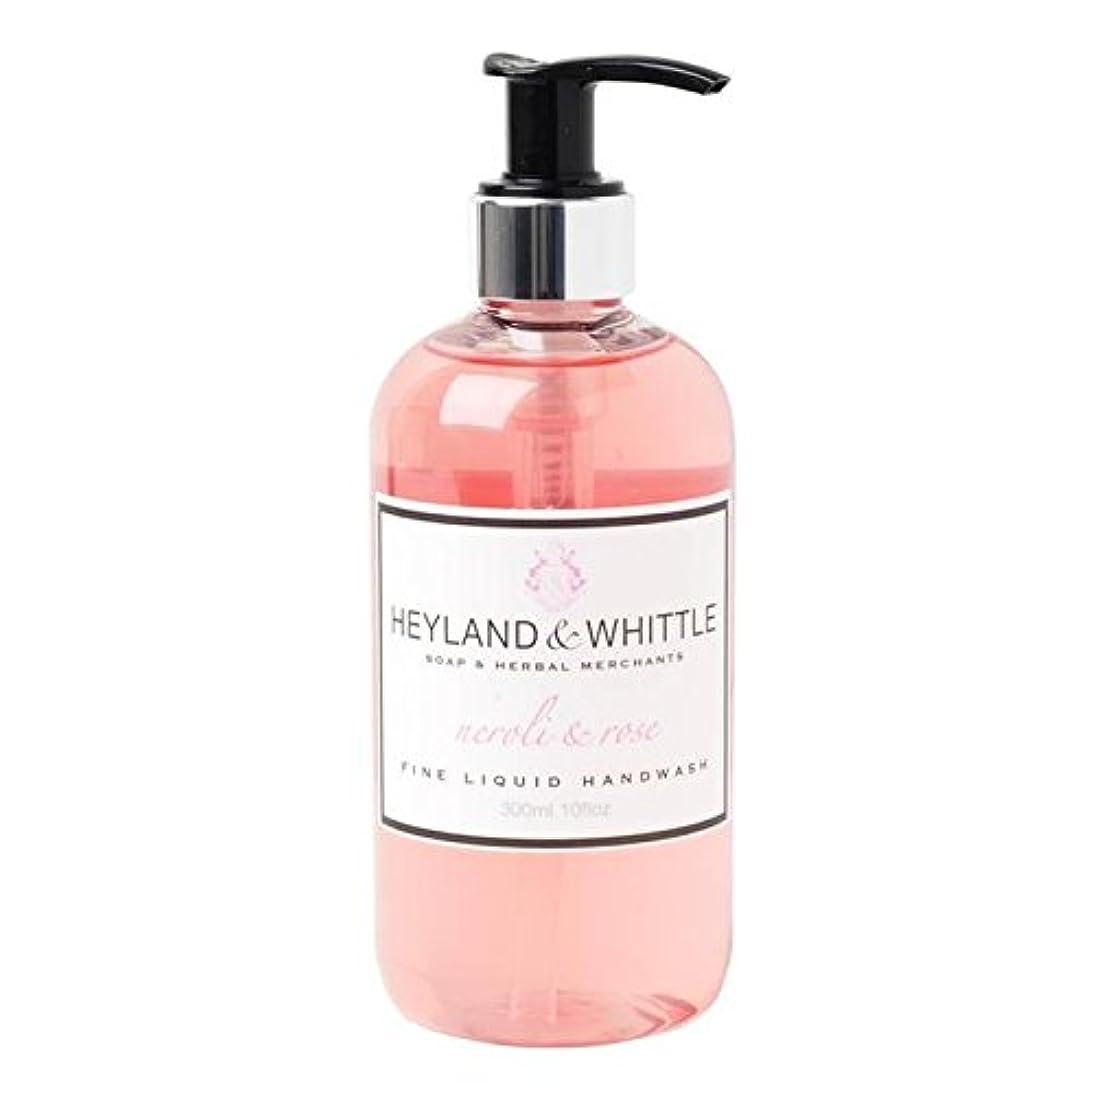 ランチョン無一文スナッチHeyland & Whittle Neroli & Rose Handwash 300ml - &削るネロリ&手洗いの300ミリリットルをバラ [並行輸入品]